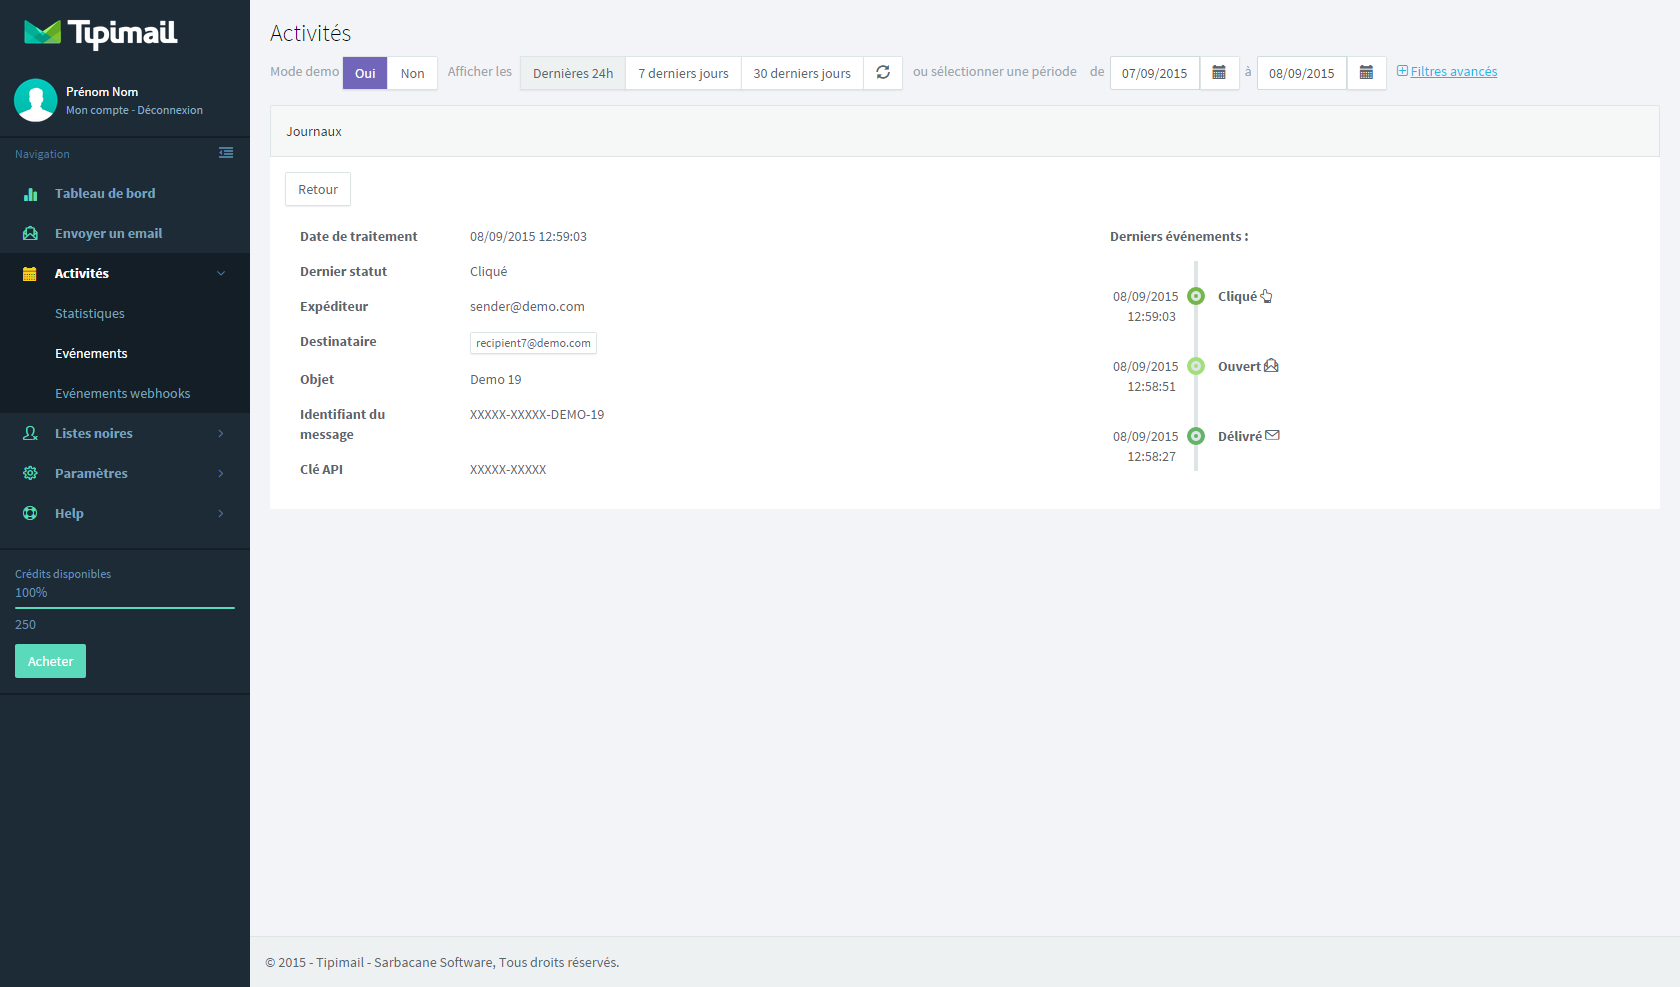 Tipimail: Gestion de campagnes, API, Web service, Emails transactionnels